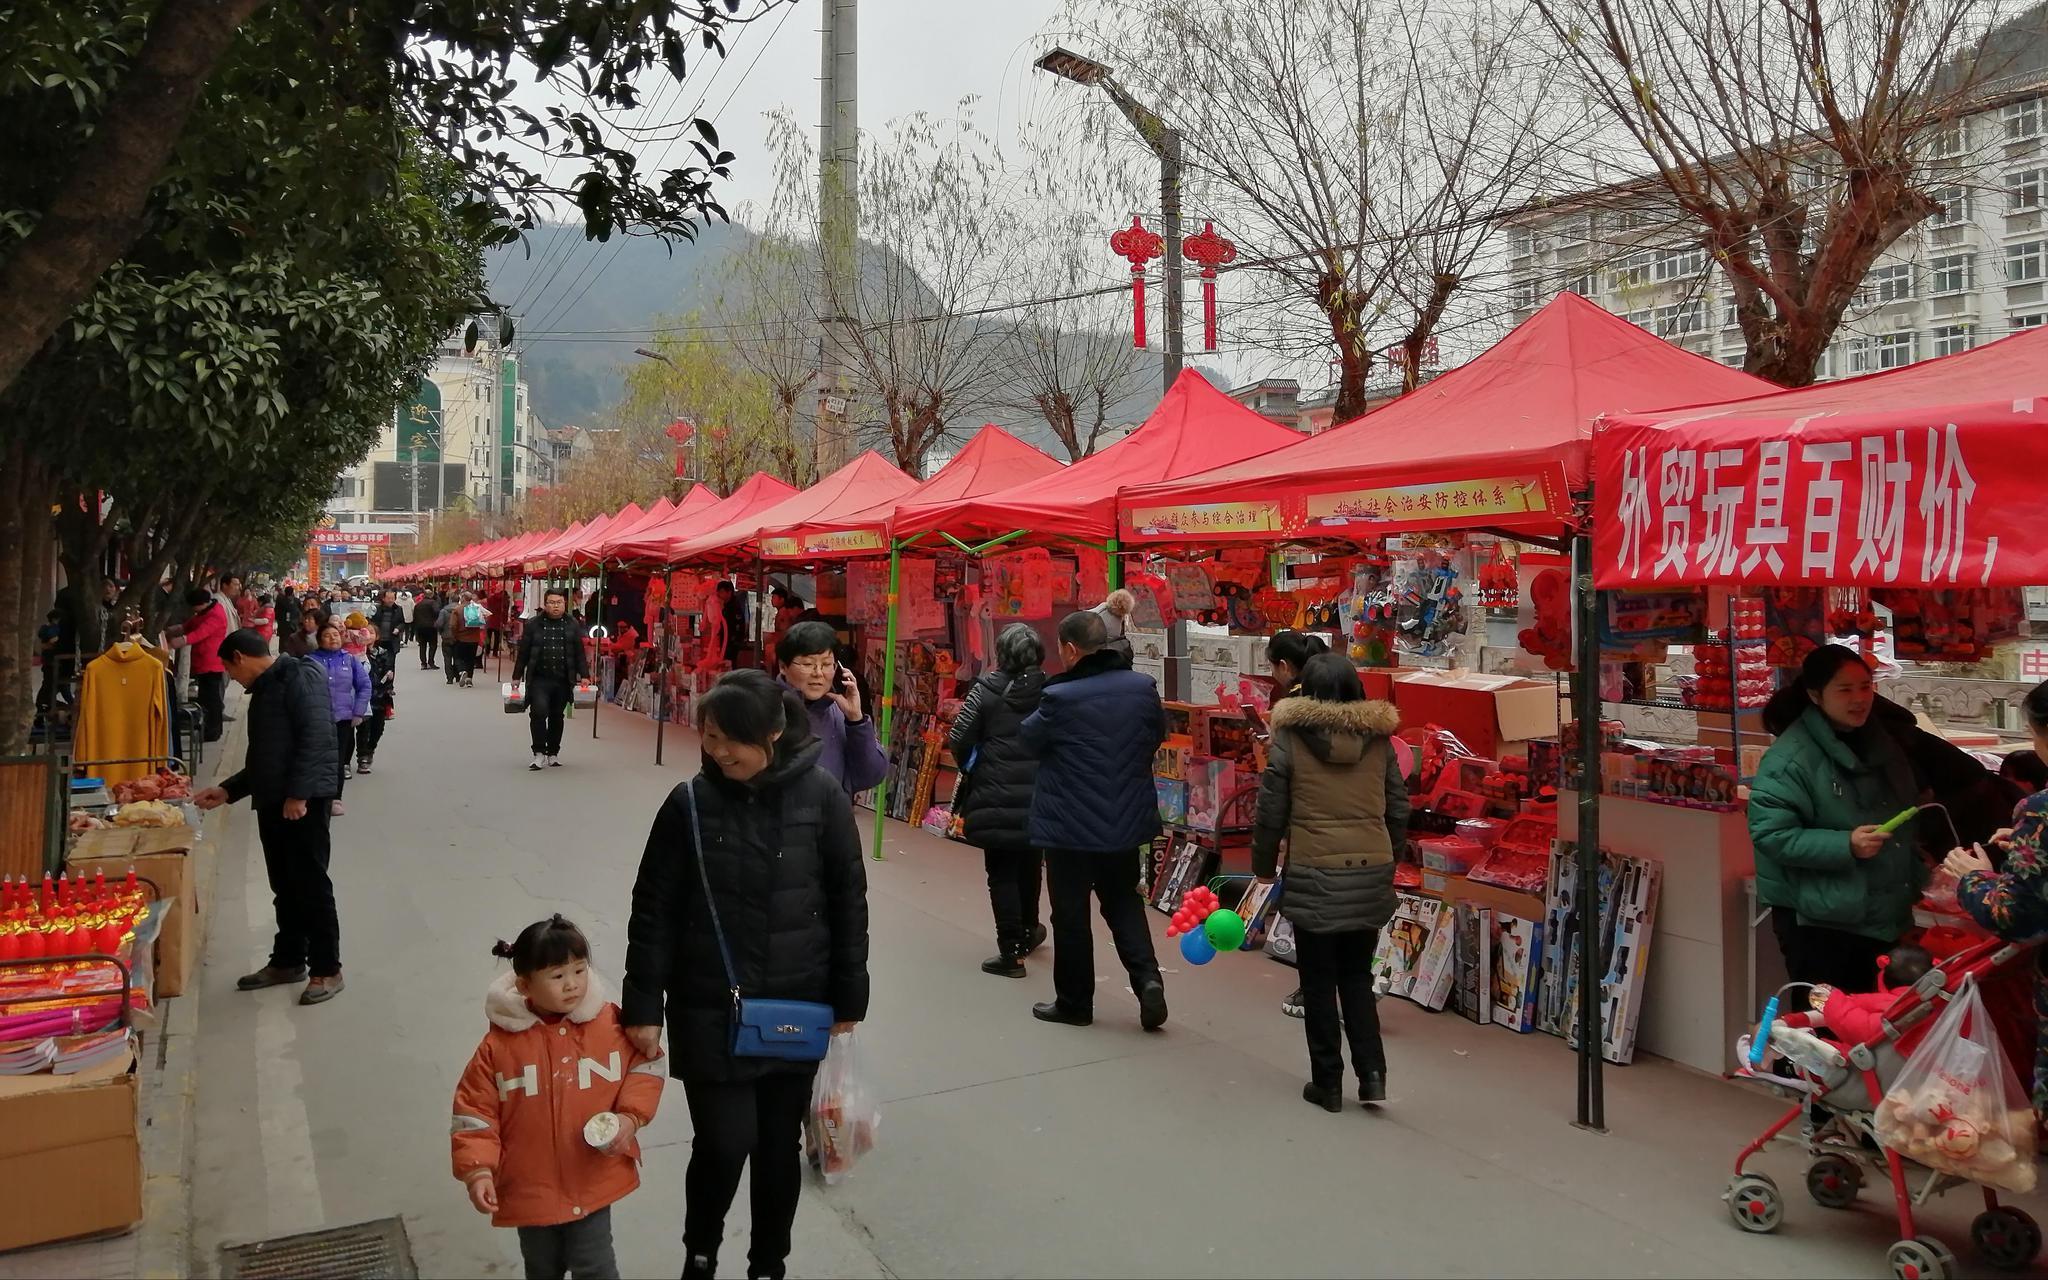 腊肉、年画、对联 陕西宁陕临时便民市场开售年货图片